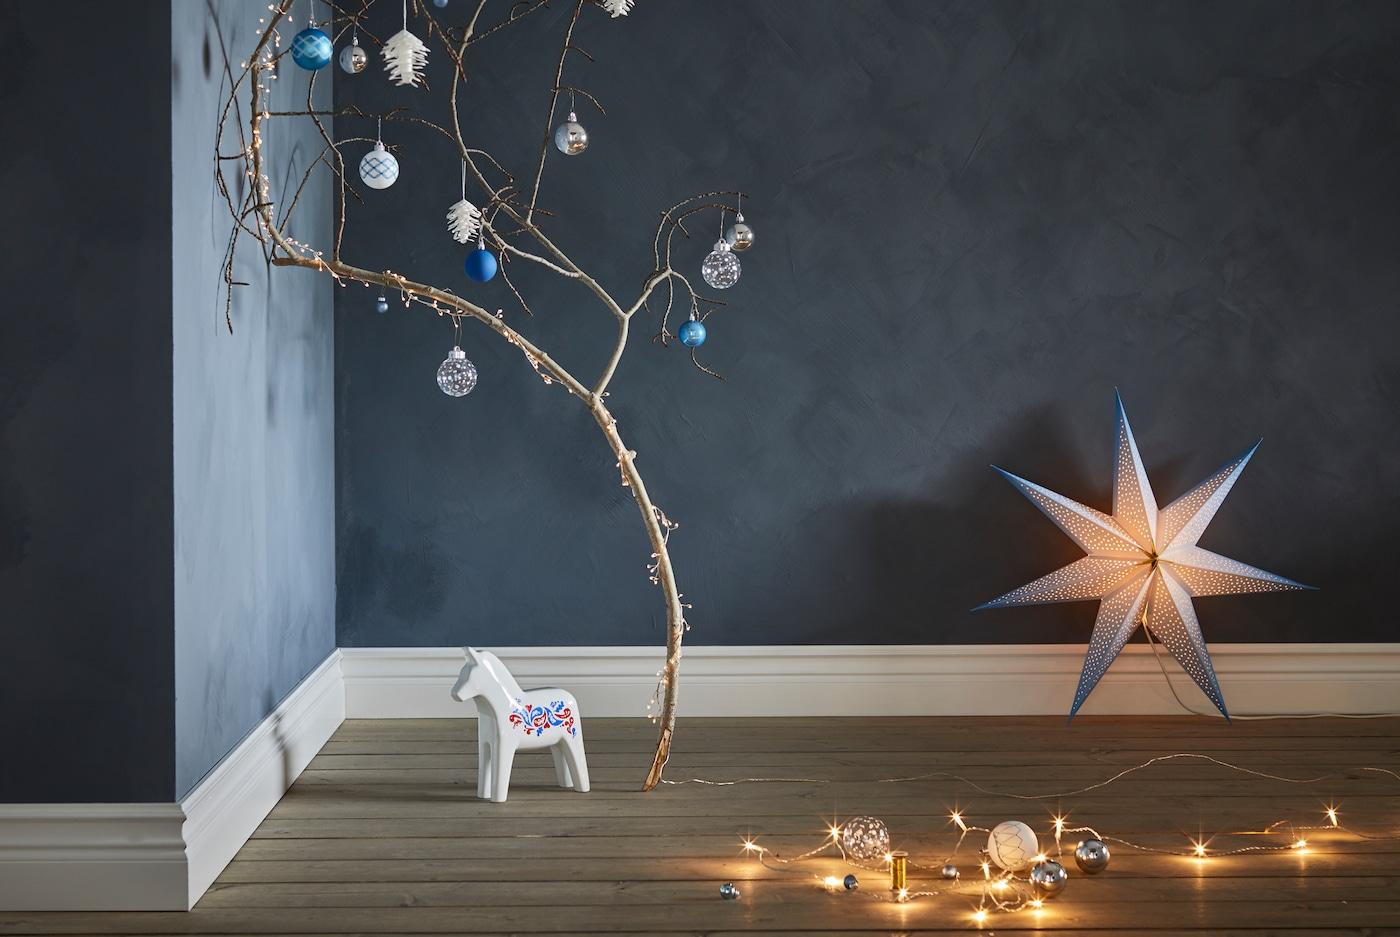 Juego De Mesa De Navidad Luces De Té Manteles Individuales Placa de Cargador Vajilla De Fiesta De Navidad